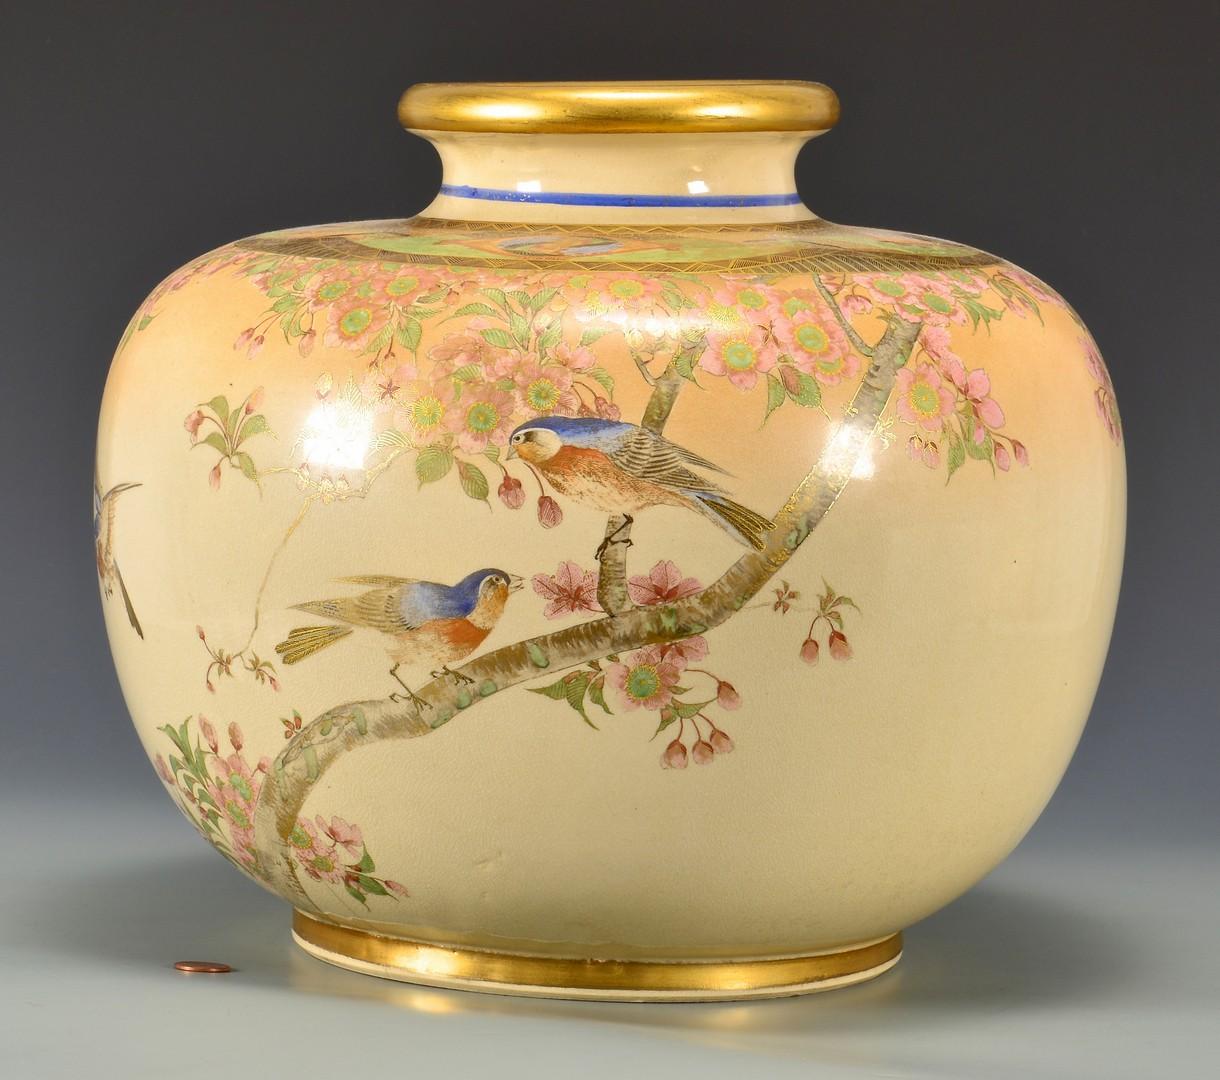 Lot 718: Large Japanese Porcelain Urn